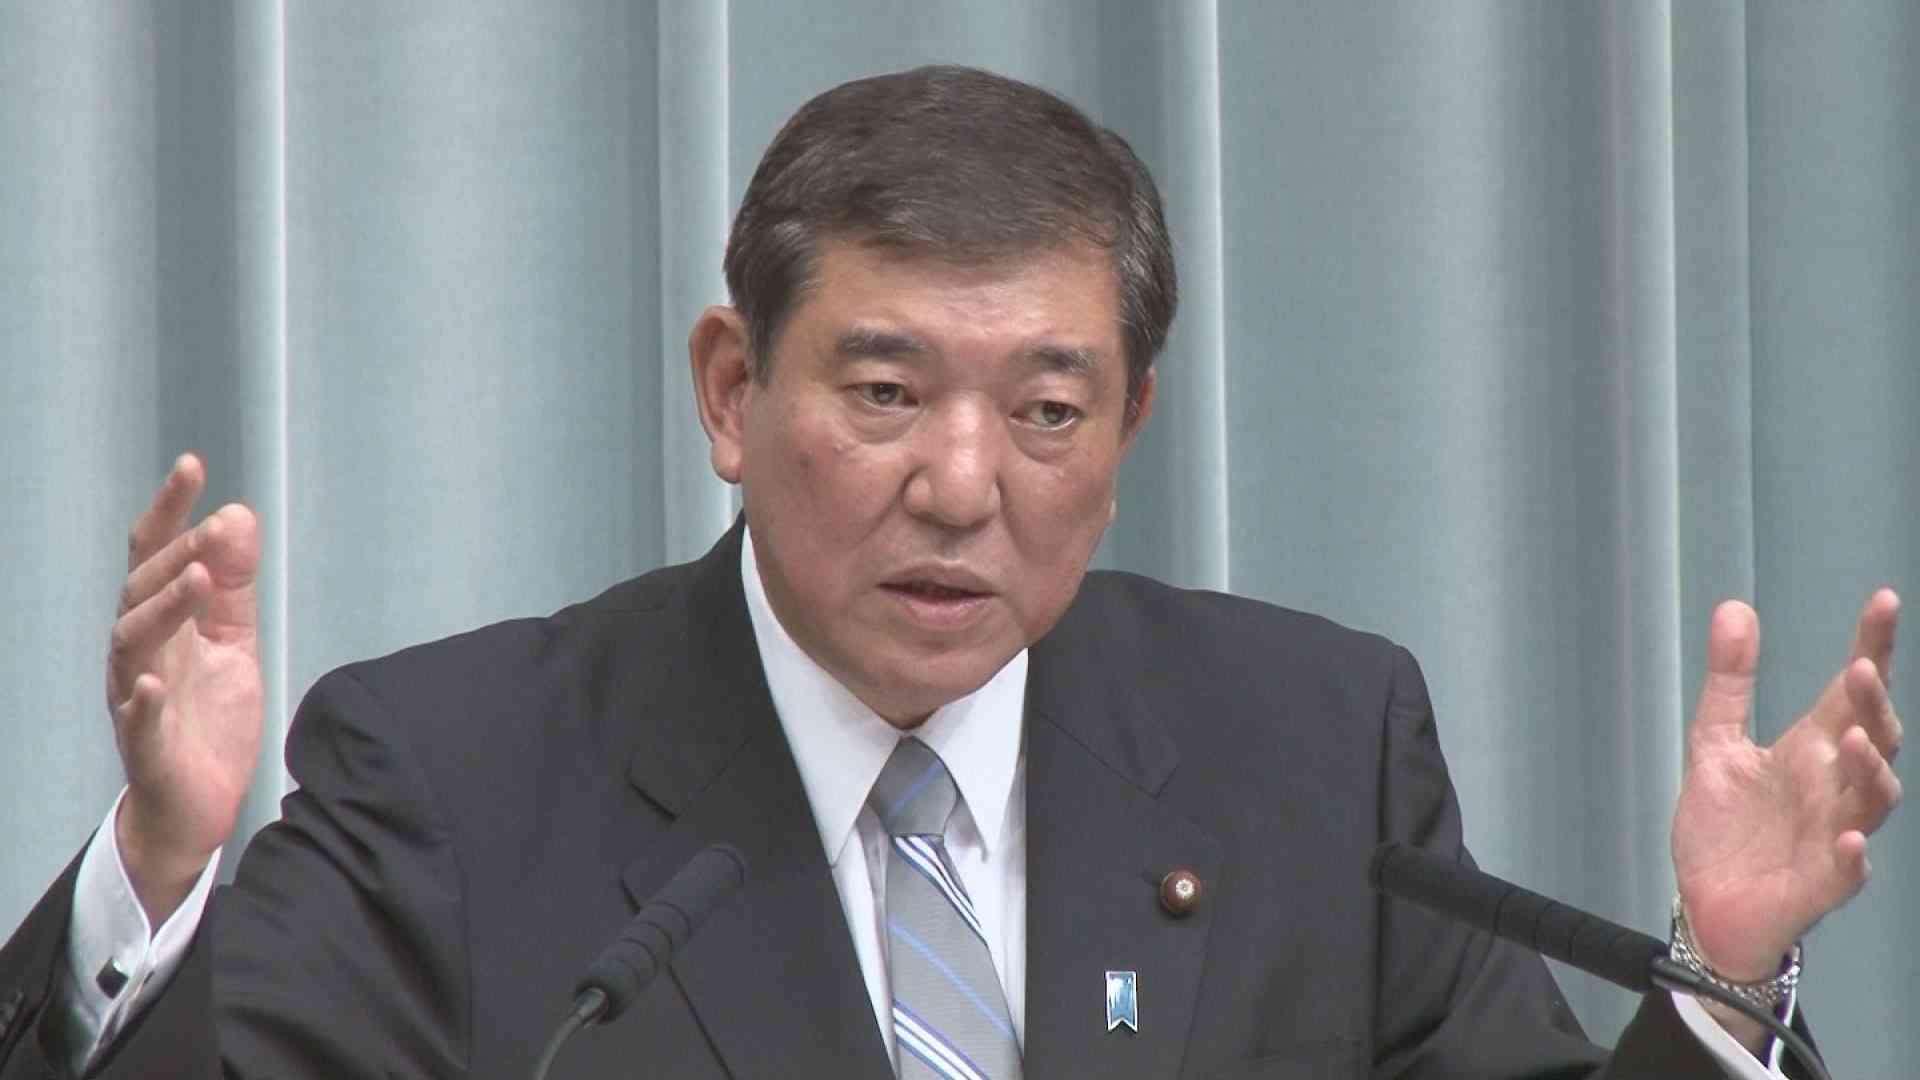 石破茂氏「移民政策、進めるべきだ」と明言 「日本人と同一労働同一賃金」も求める